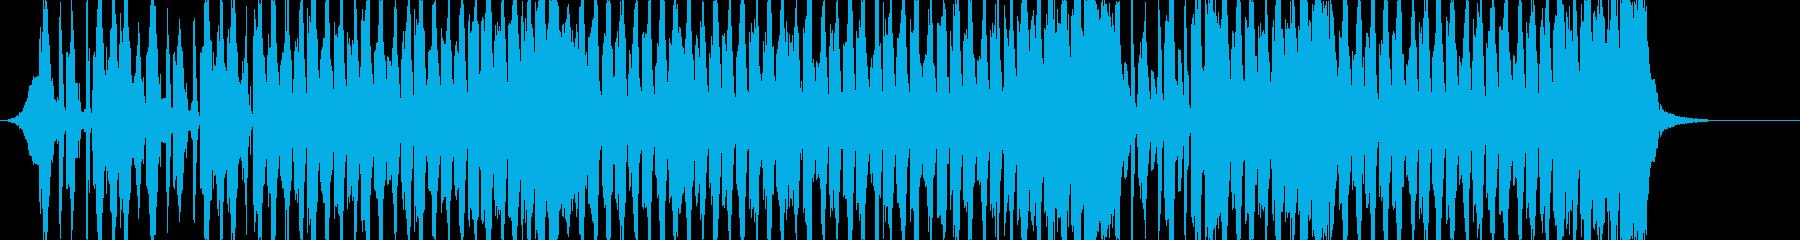 煽りEDM版アイネクライネナハトムジークの再生済みの波形